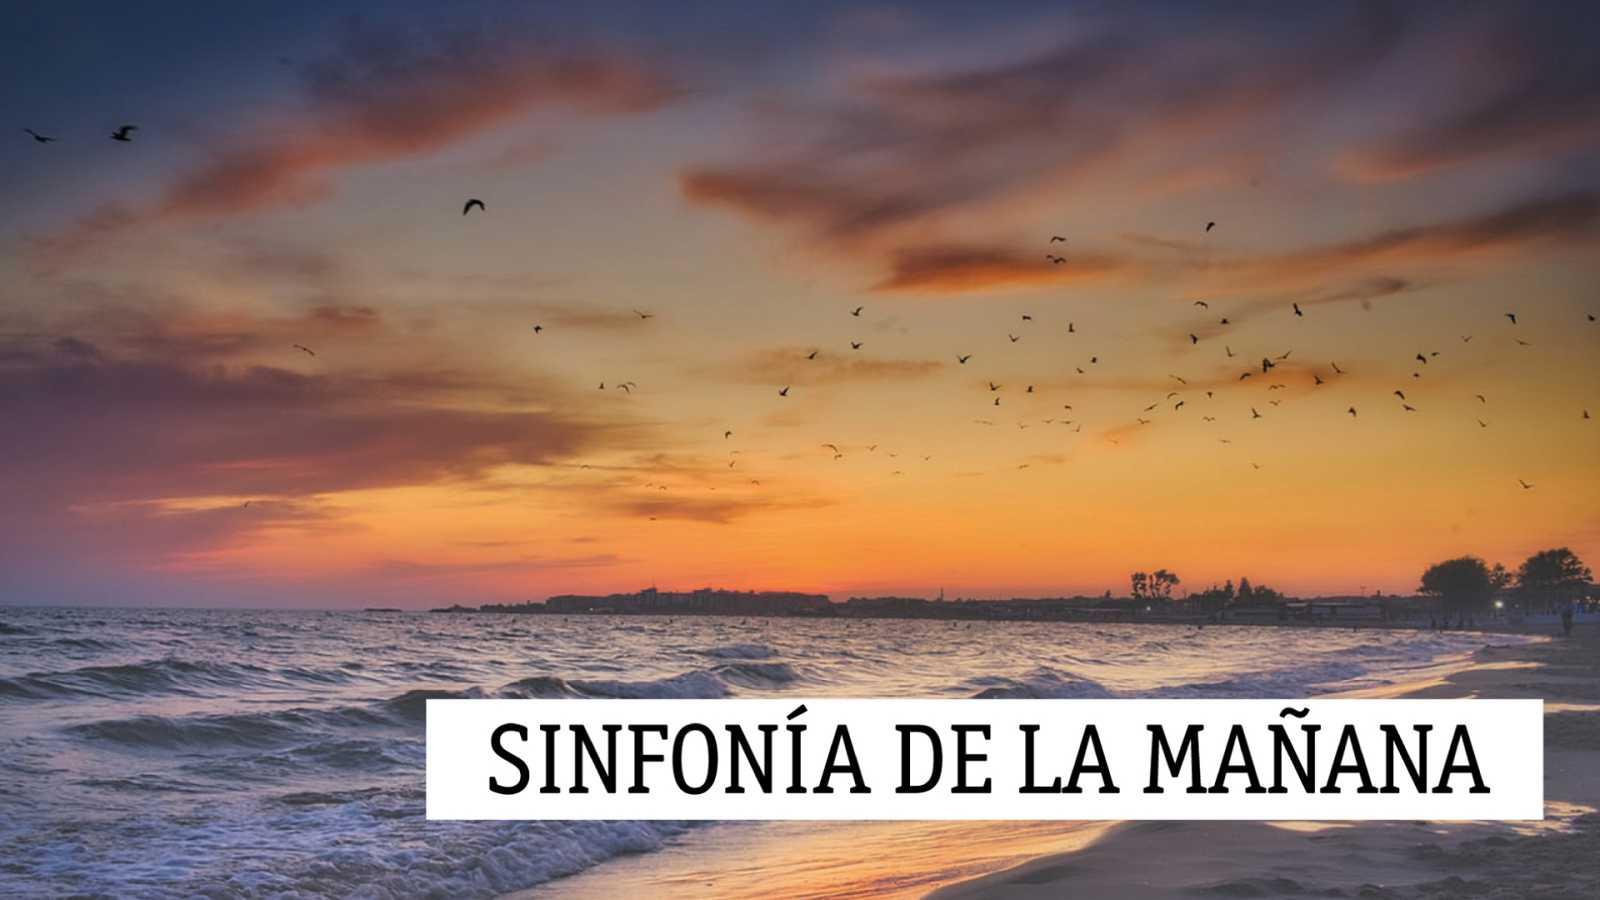 Sinfonía de la mañana - Tim Burton y Danny Elfman - 28/04/21 - escuchar ahora